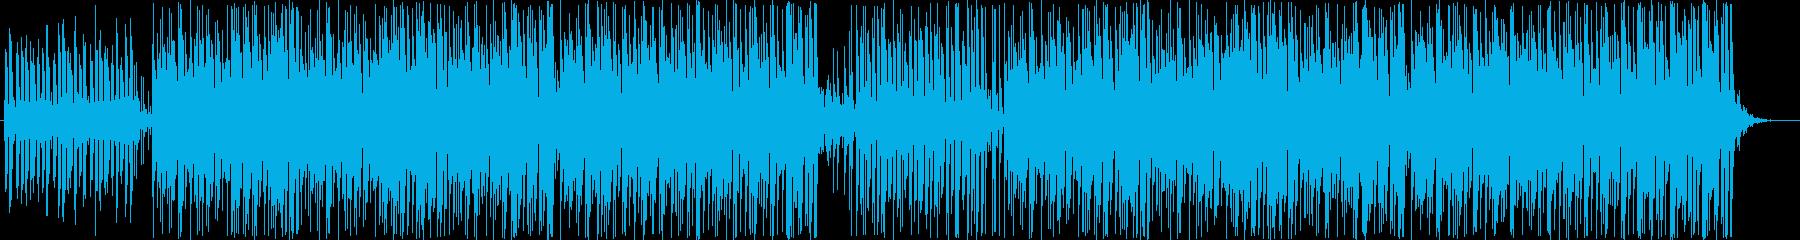 ほのぼのとしたボサノバの再生済みの波形